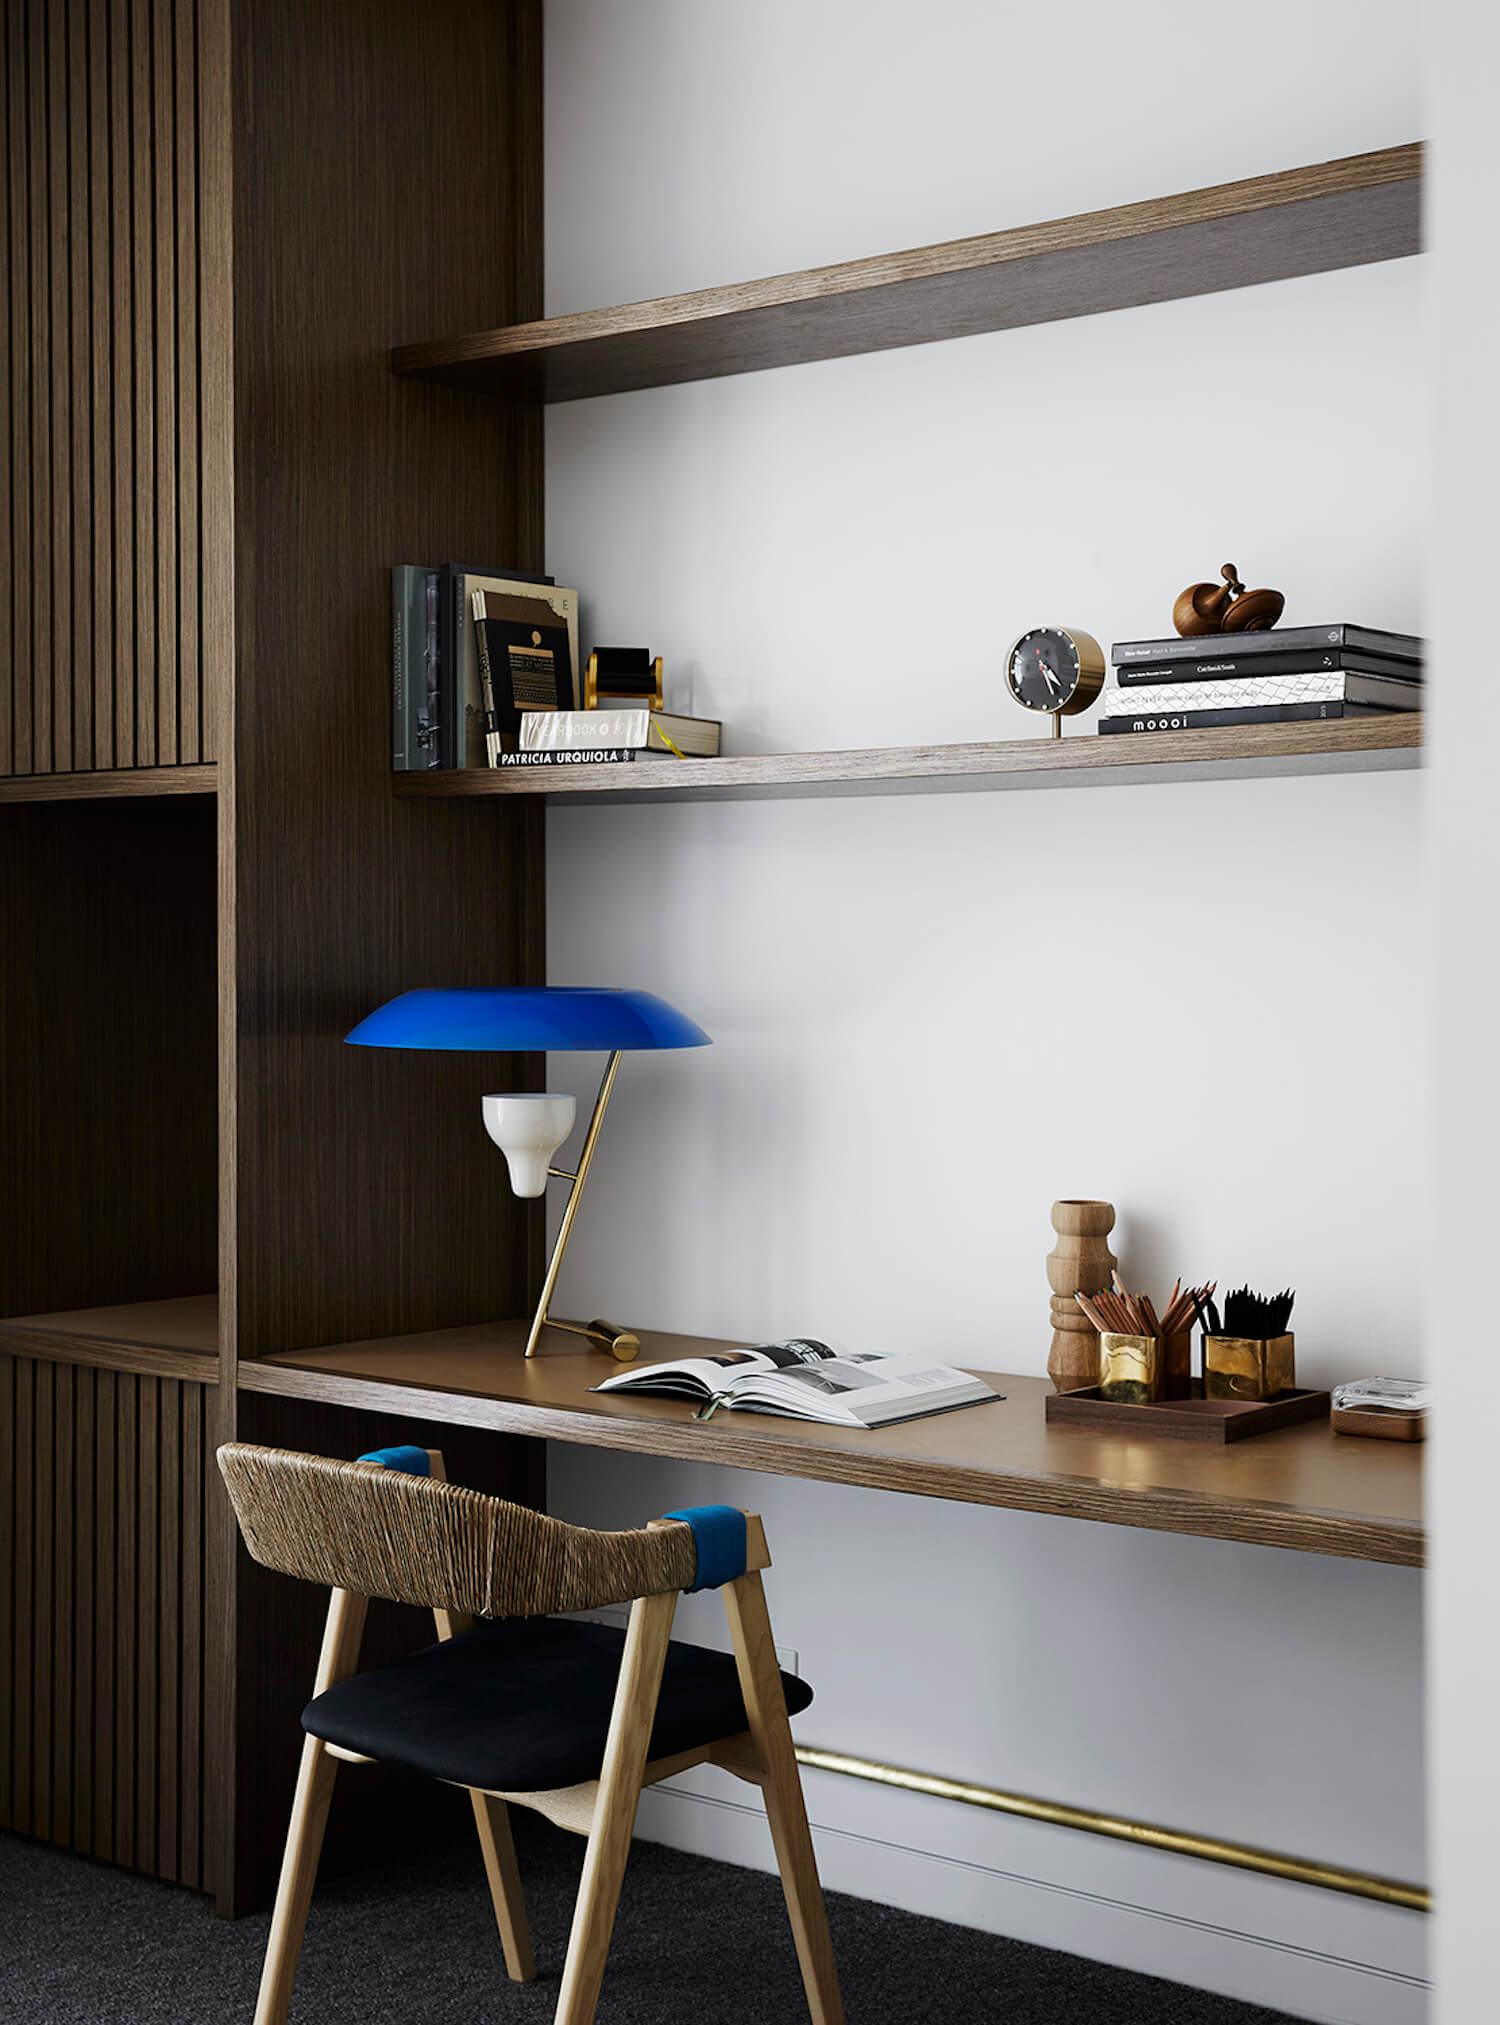 est living mim design caulfield home sharyn cairns 13